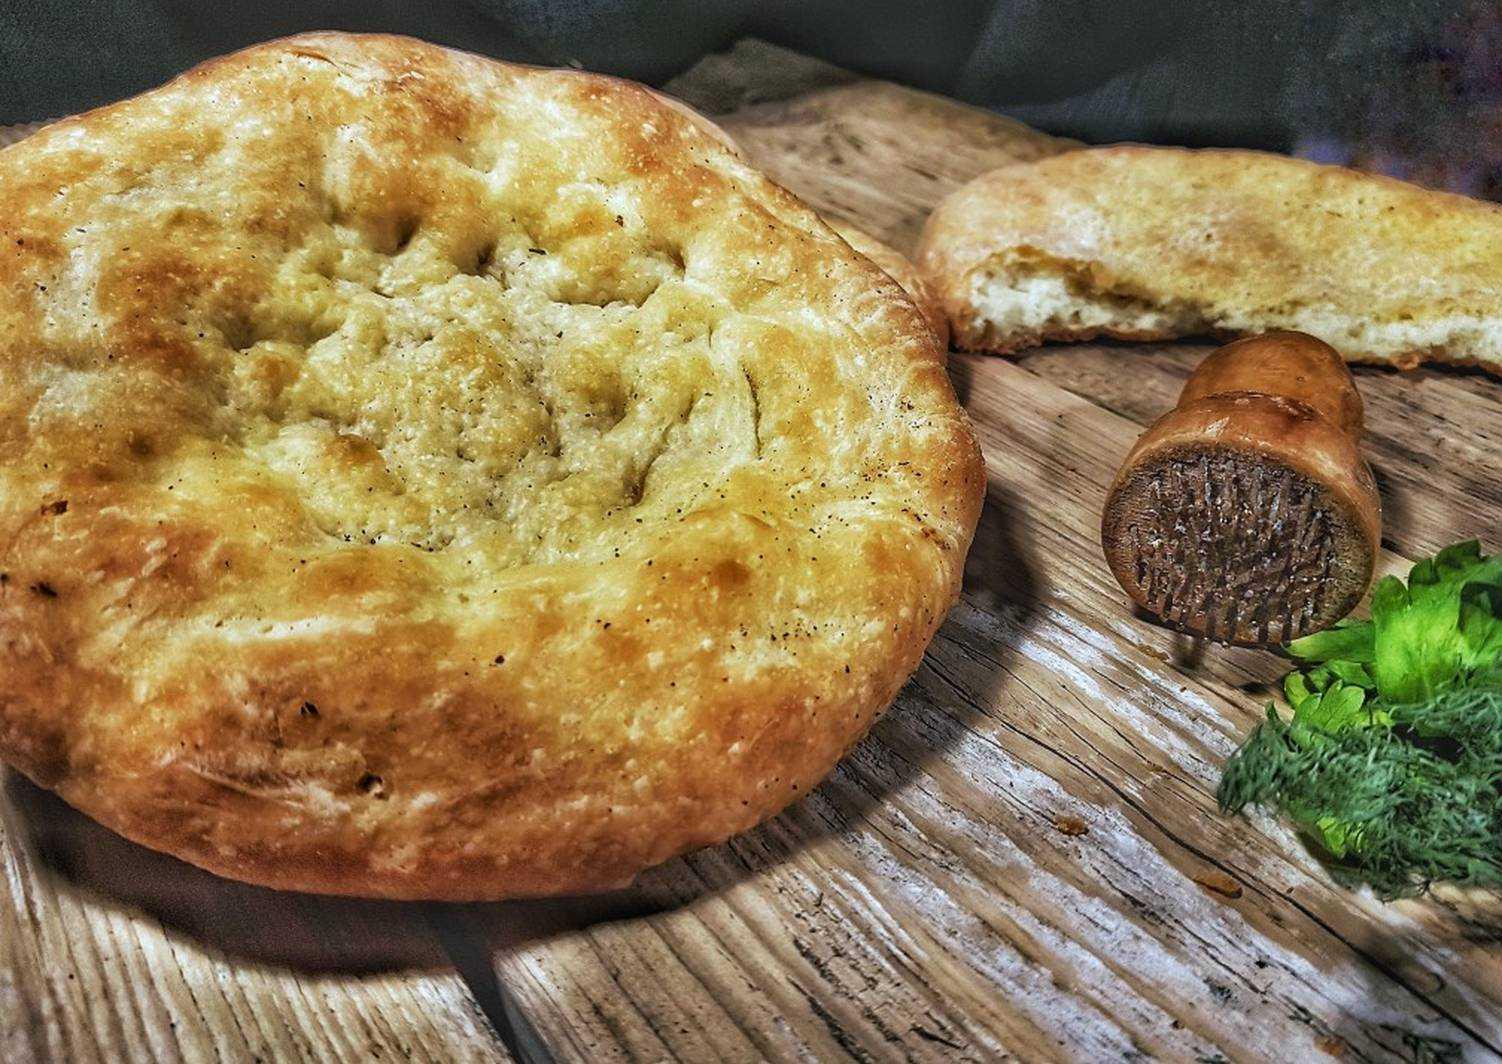 Армянская лепешка: рецепт приготовления с фото и нюансы готовки